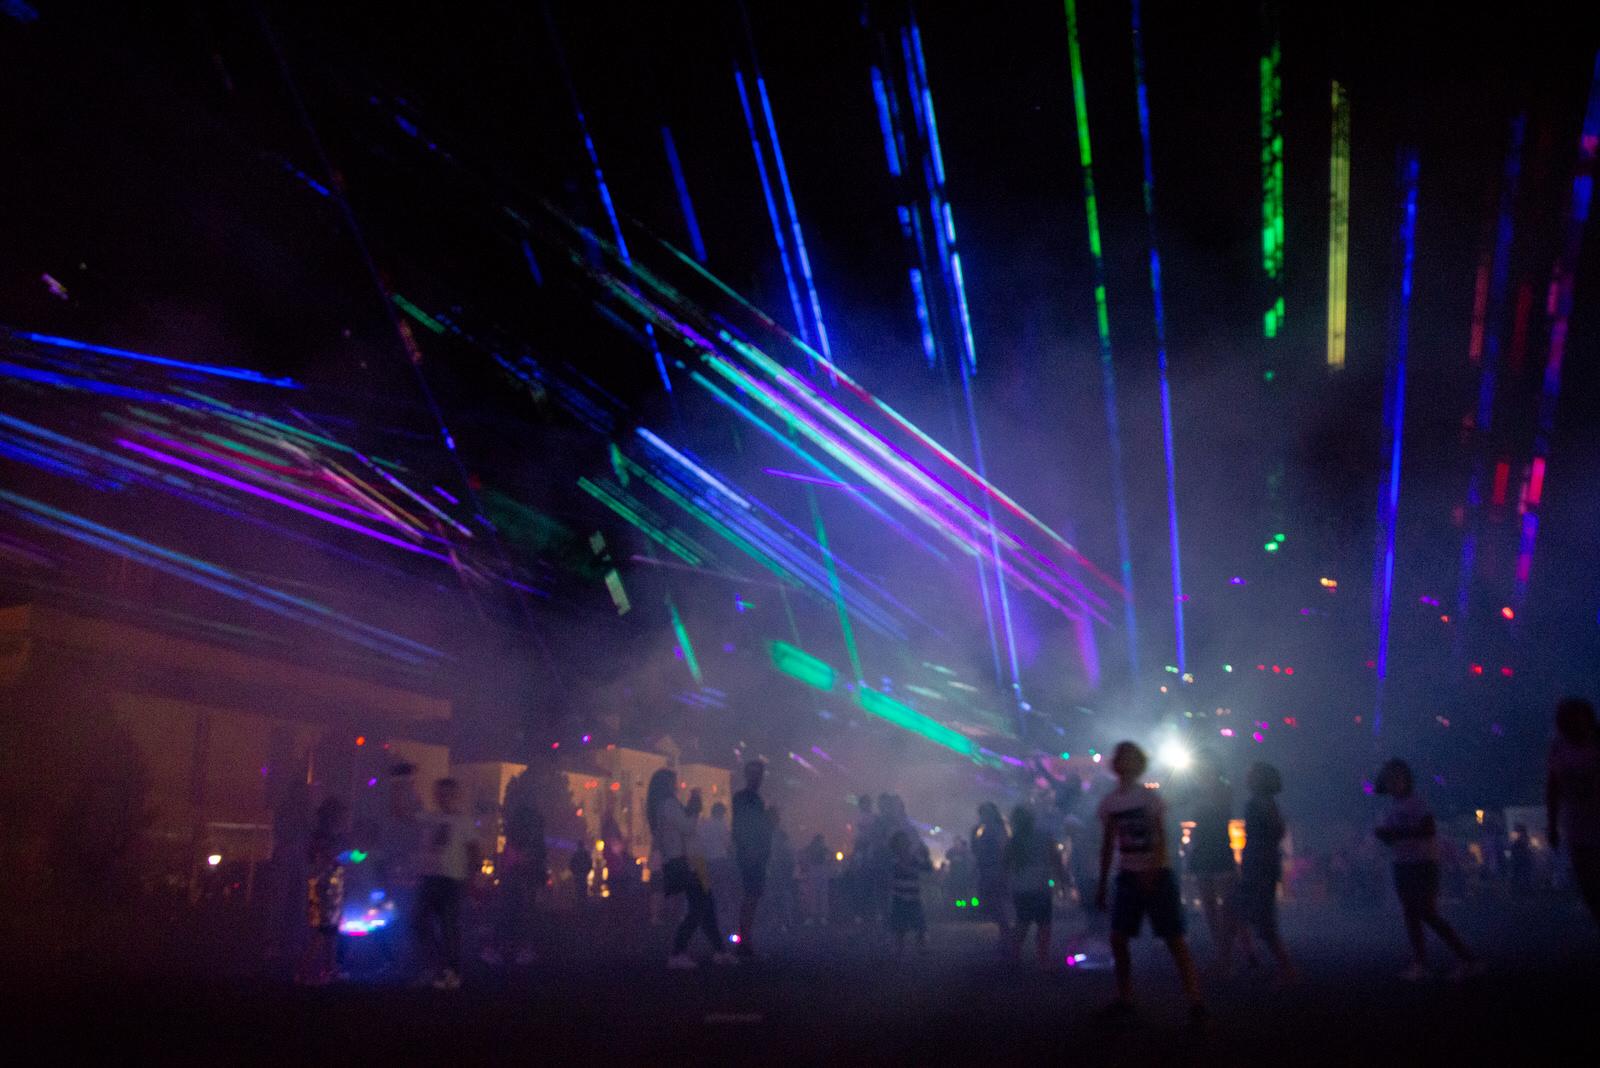 likaclub_tesla power of light_2020 (51)